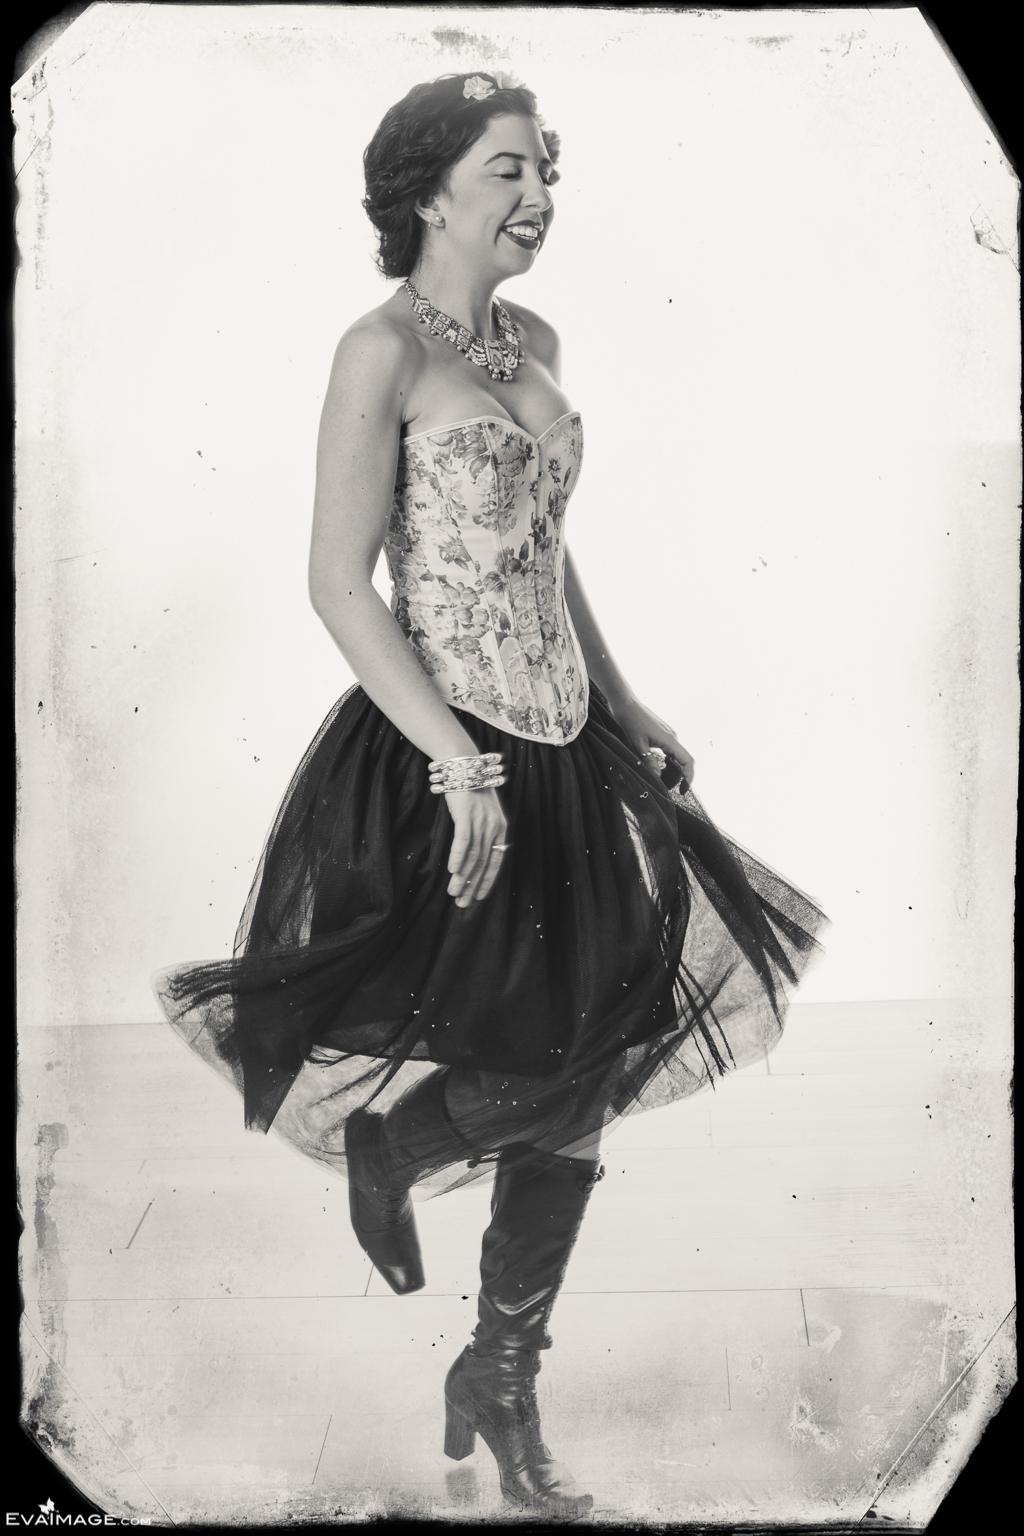 Dancing Woman Retro Portrait